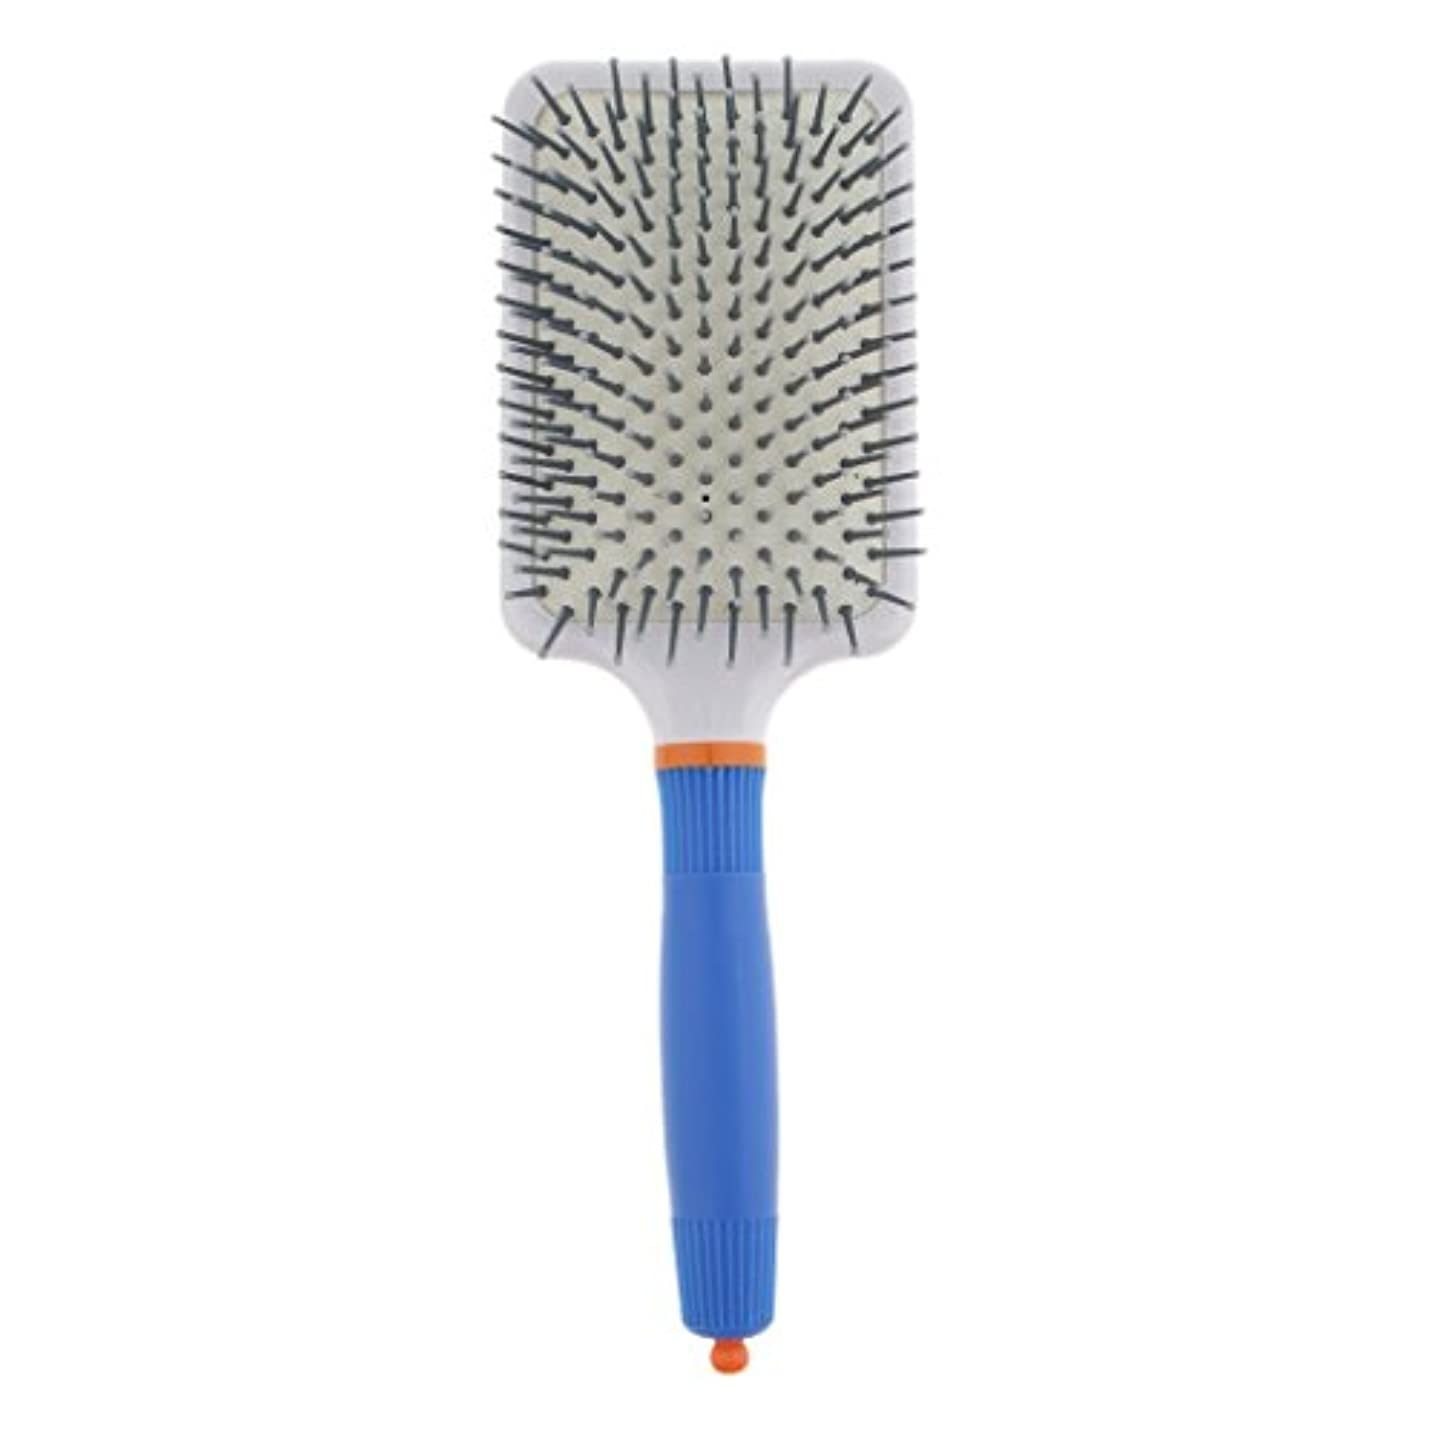 従順な流体オレンジプラスチック製 ブラシ 頭皮マッサージブラシ フラットヘアブラシ 櫛 静電気防止 全2色 - ダークブルー